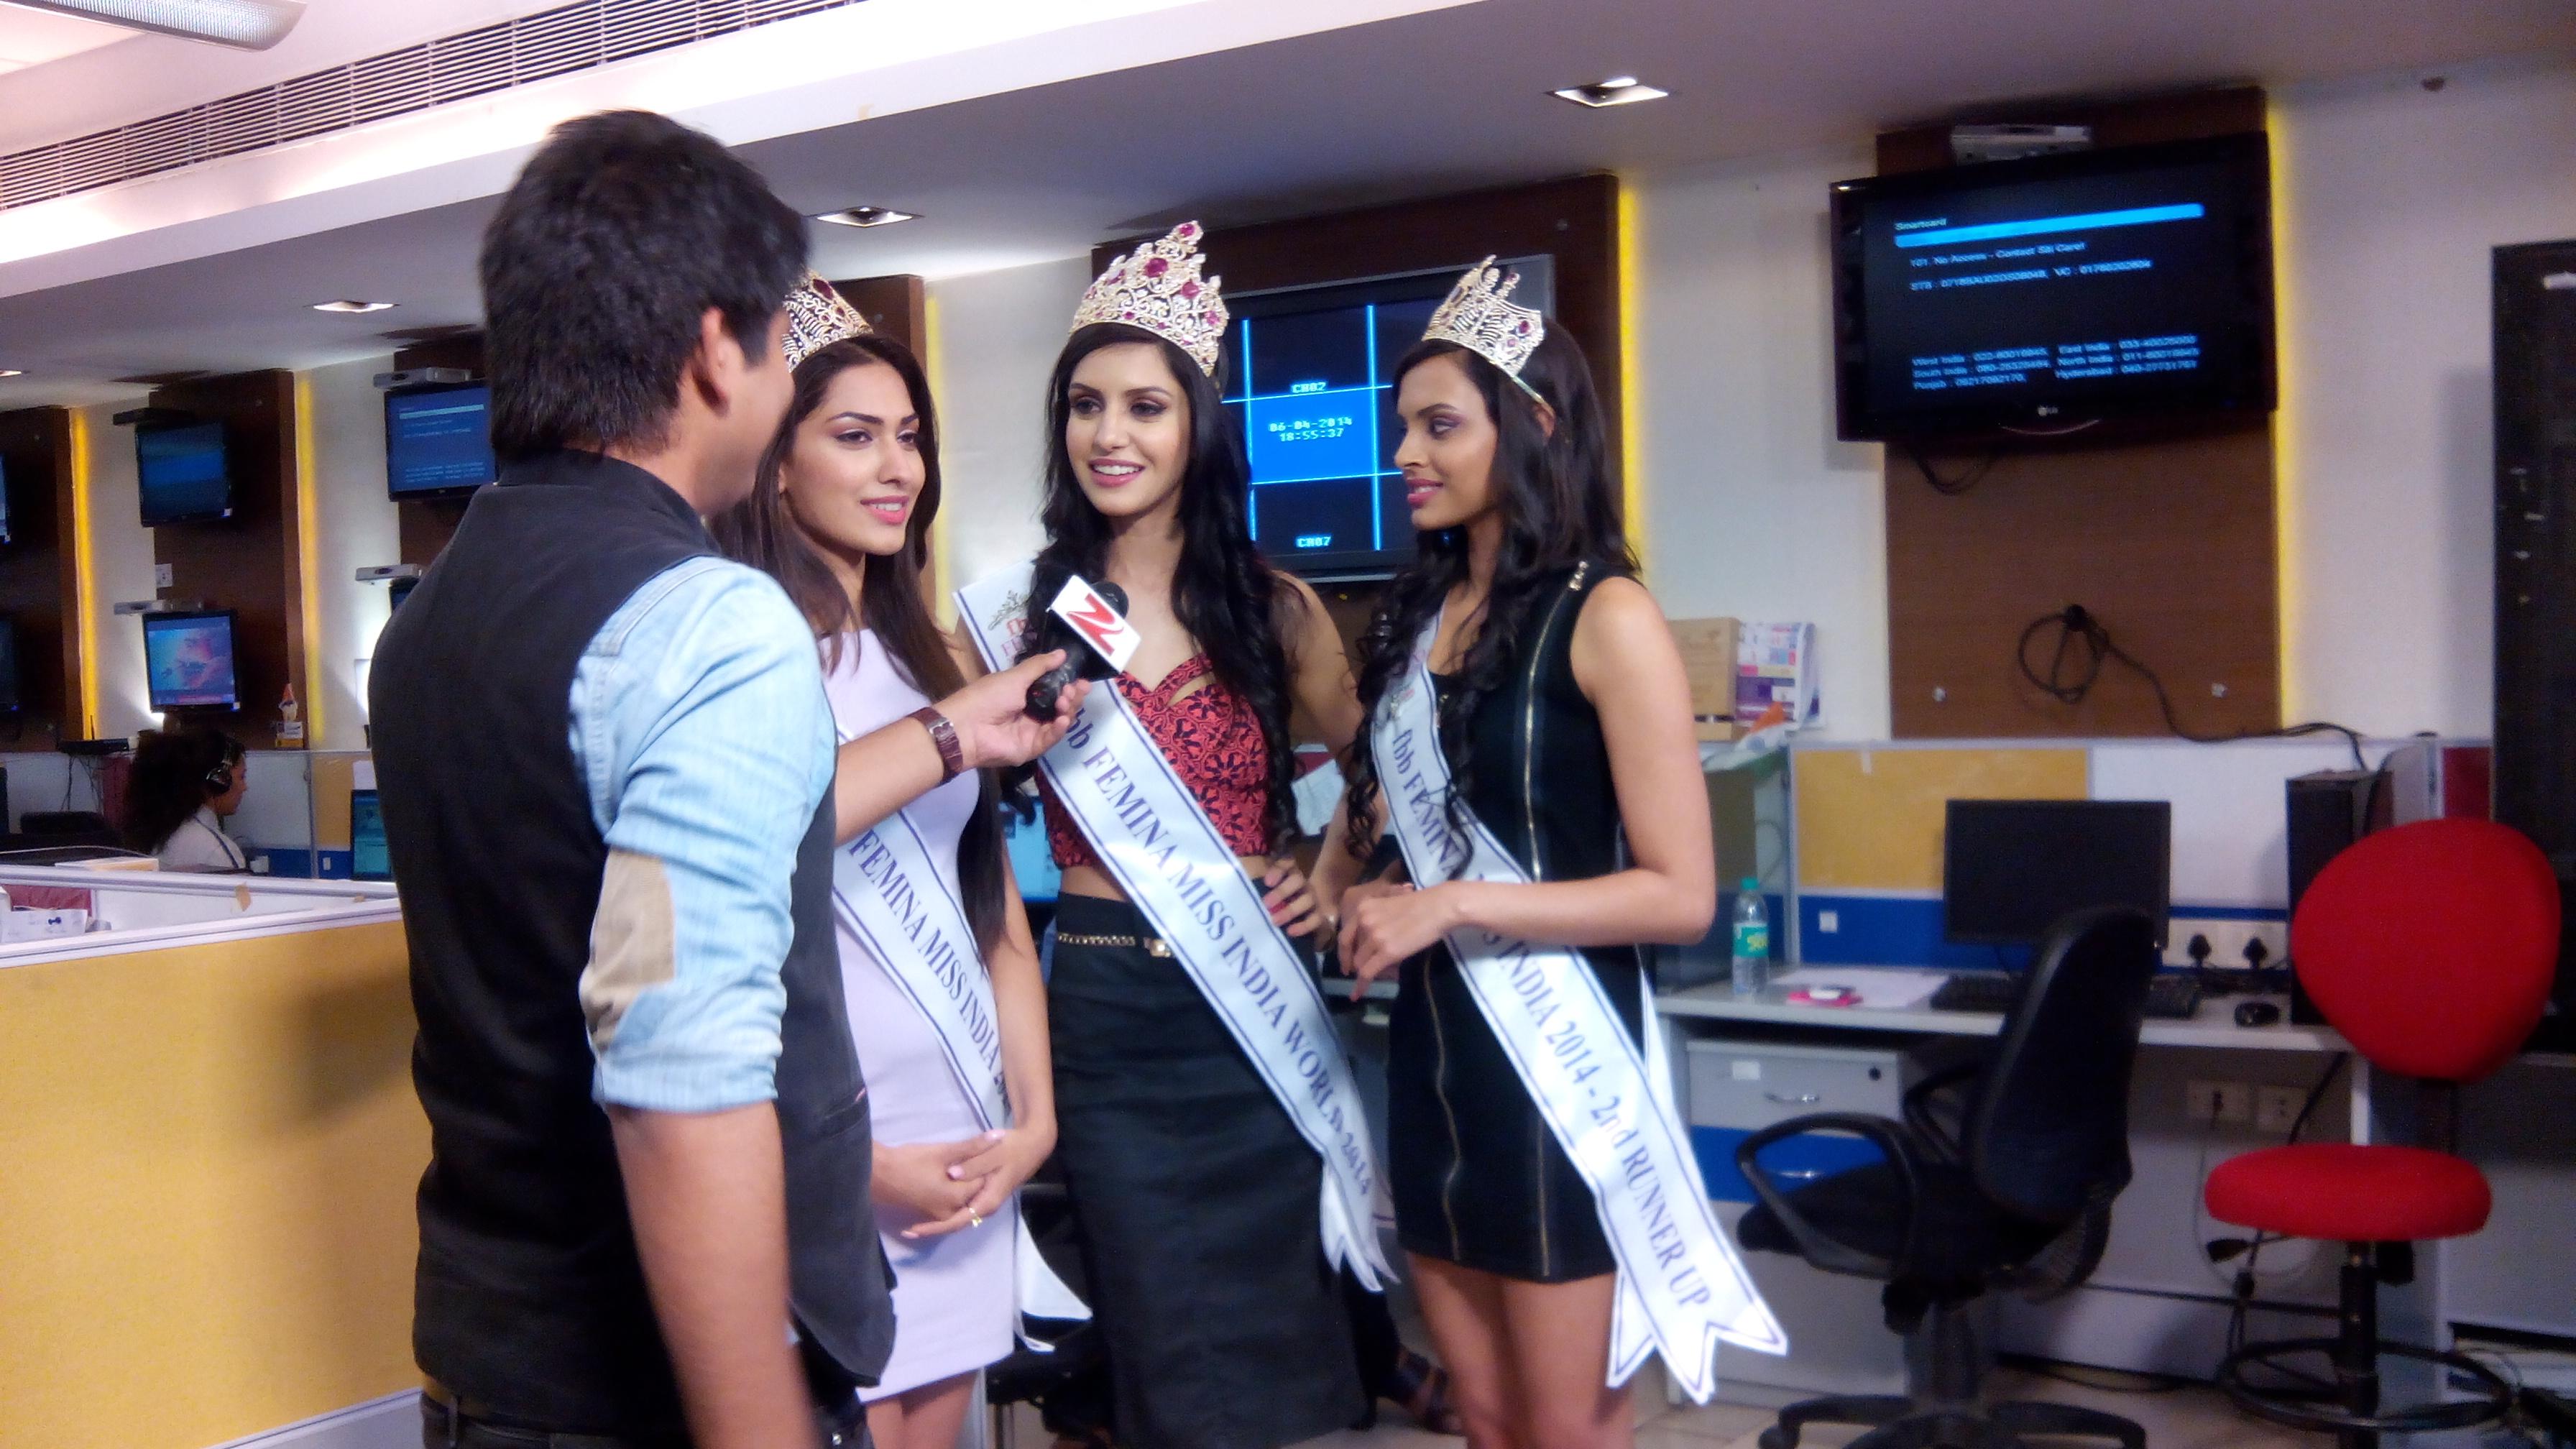 'फेमिना मिस इंडिया-२०१४' कोयल राणा आणि दोन्ही उपविजेत्या सौंदर्यवतींनी झी मीडियाच्या ऑफिसला भेट दिली